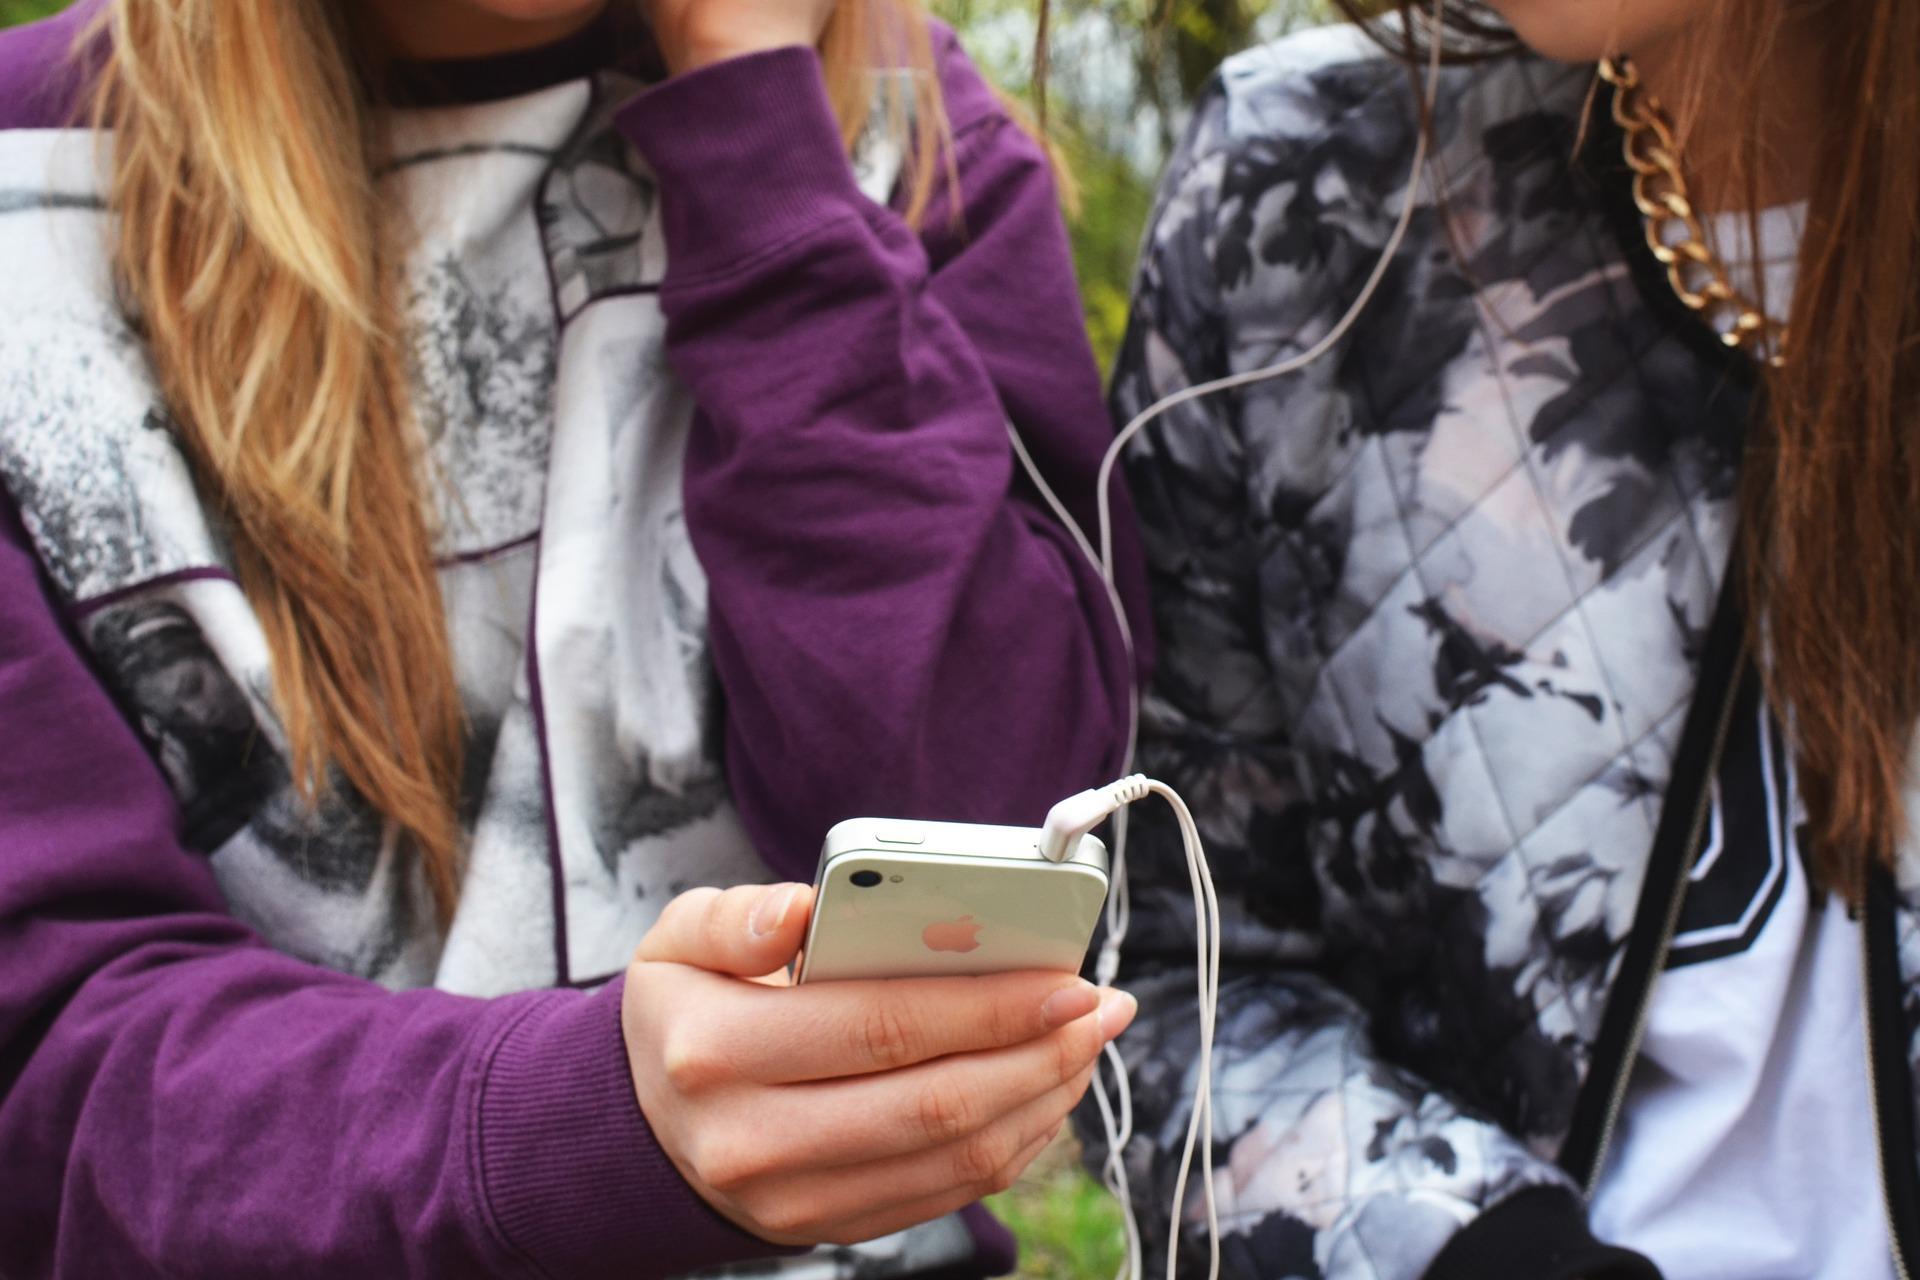 aumentar el sonido del móvil